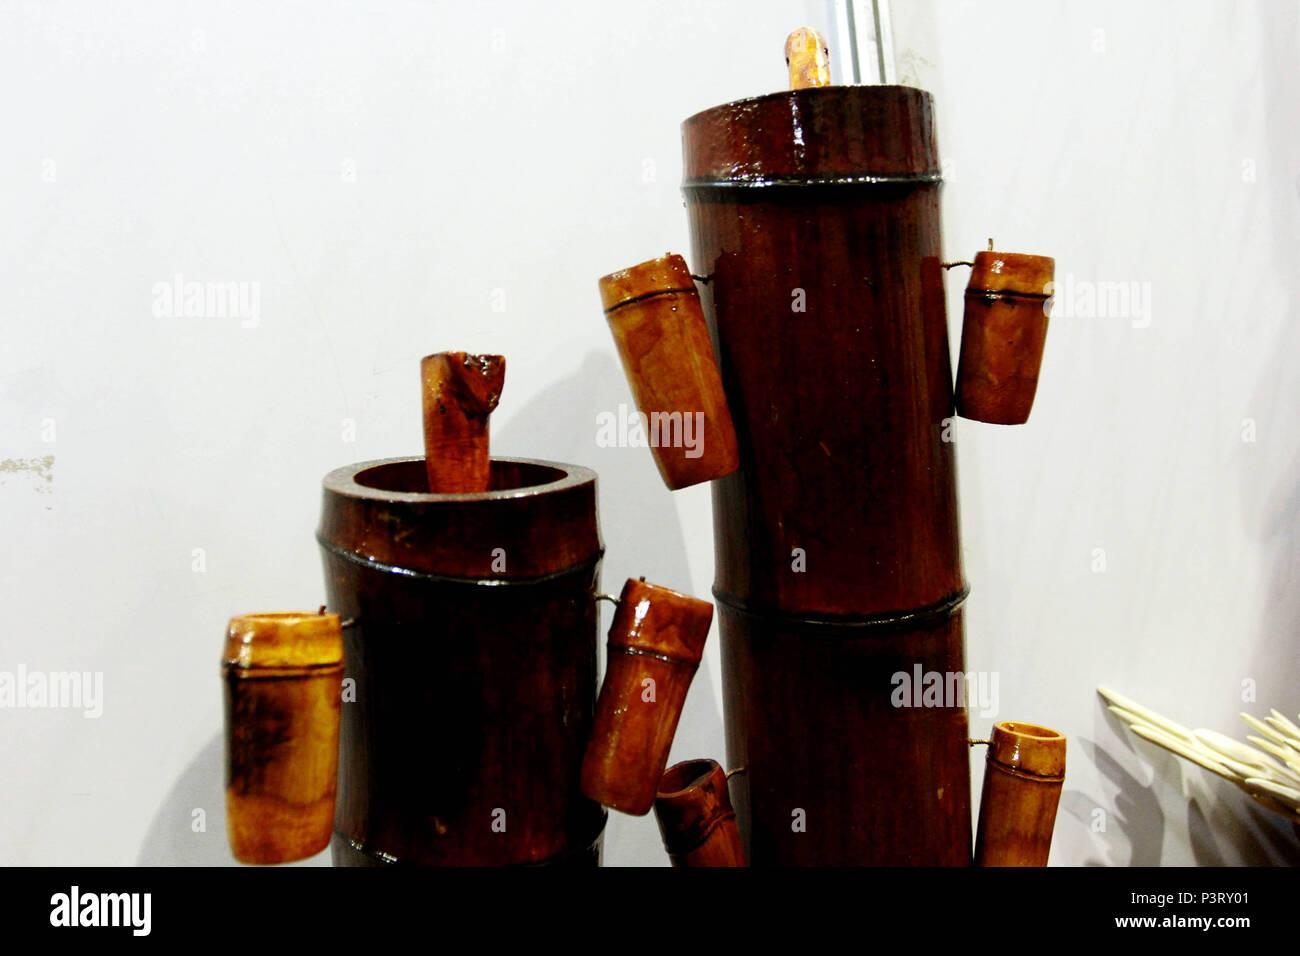 SÃO ROQUE, SP - 03.10.2015: UTENSÍLIOS DE BAMBU - Utensílios feitos a partir de Bambu. Alambique e copos de Bambu. (Foto: Aloisio Mauricio / Fotoarena) Banque D'Images